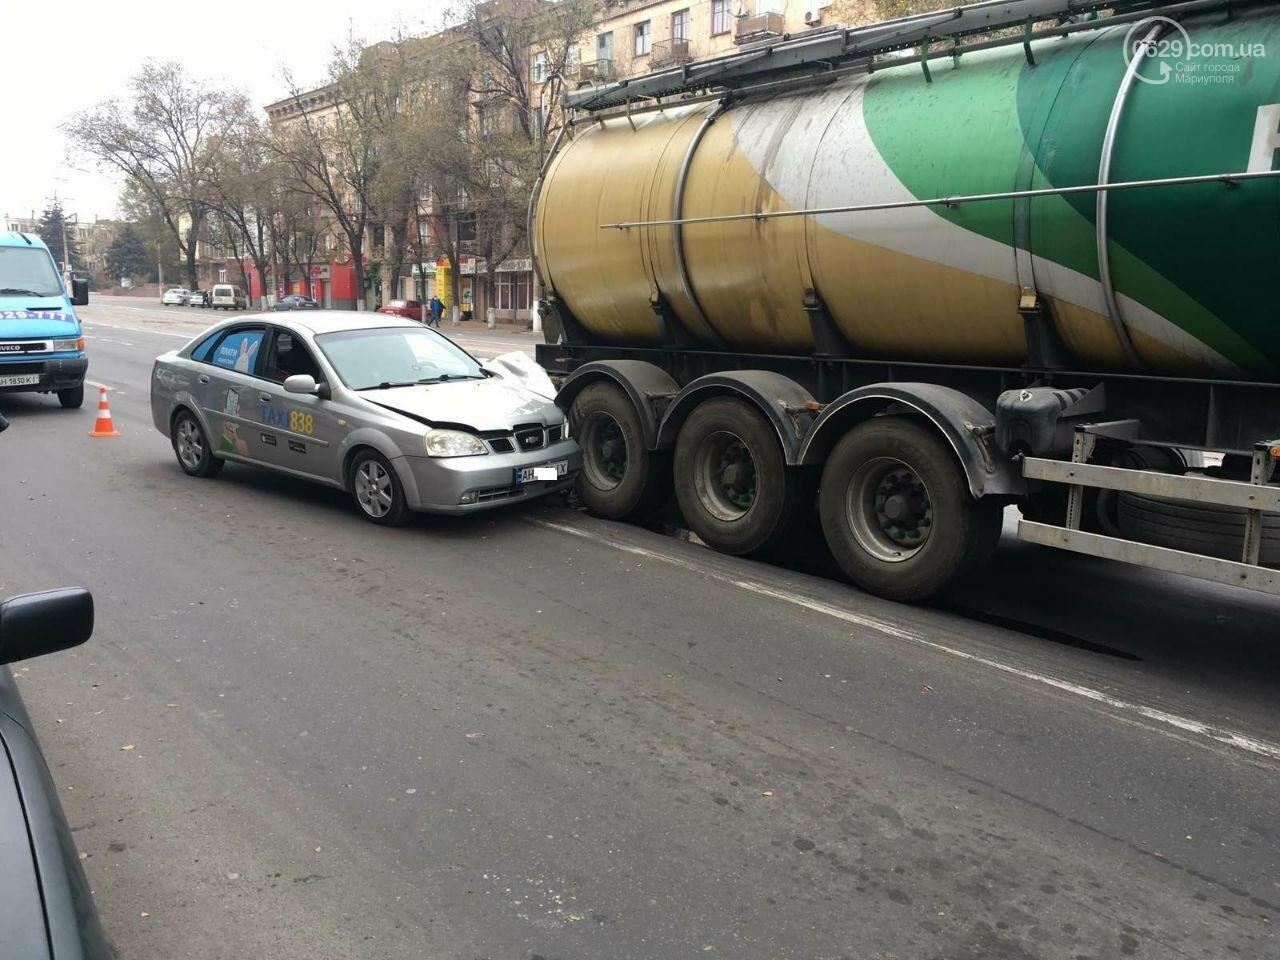 В Мариуполе такси врезалось в фуру с маслом, - ФОТО, фото-2